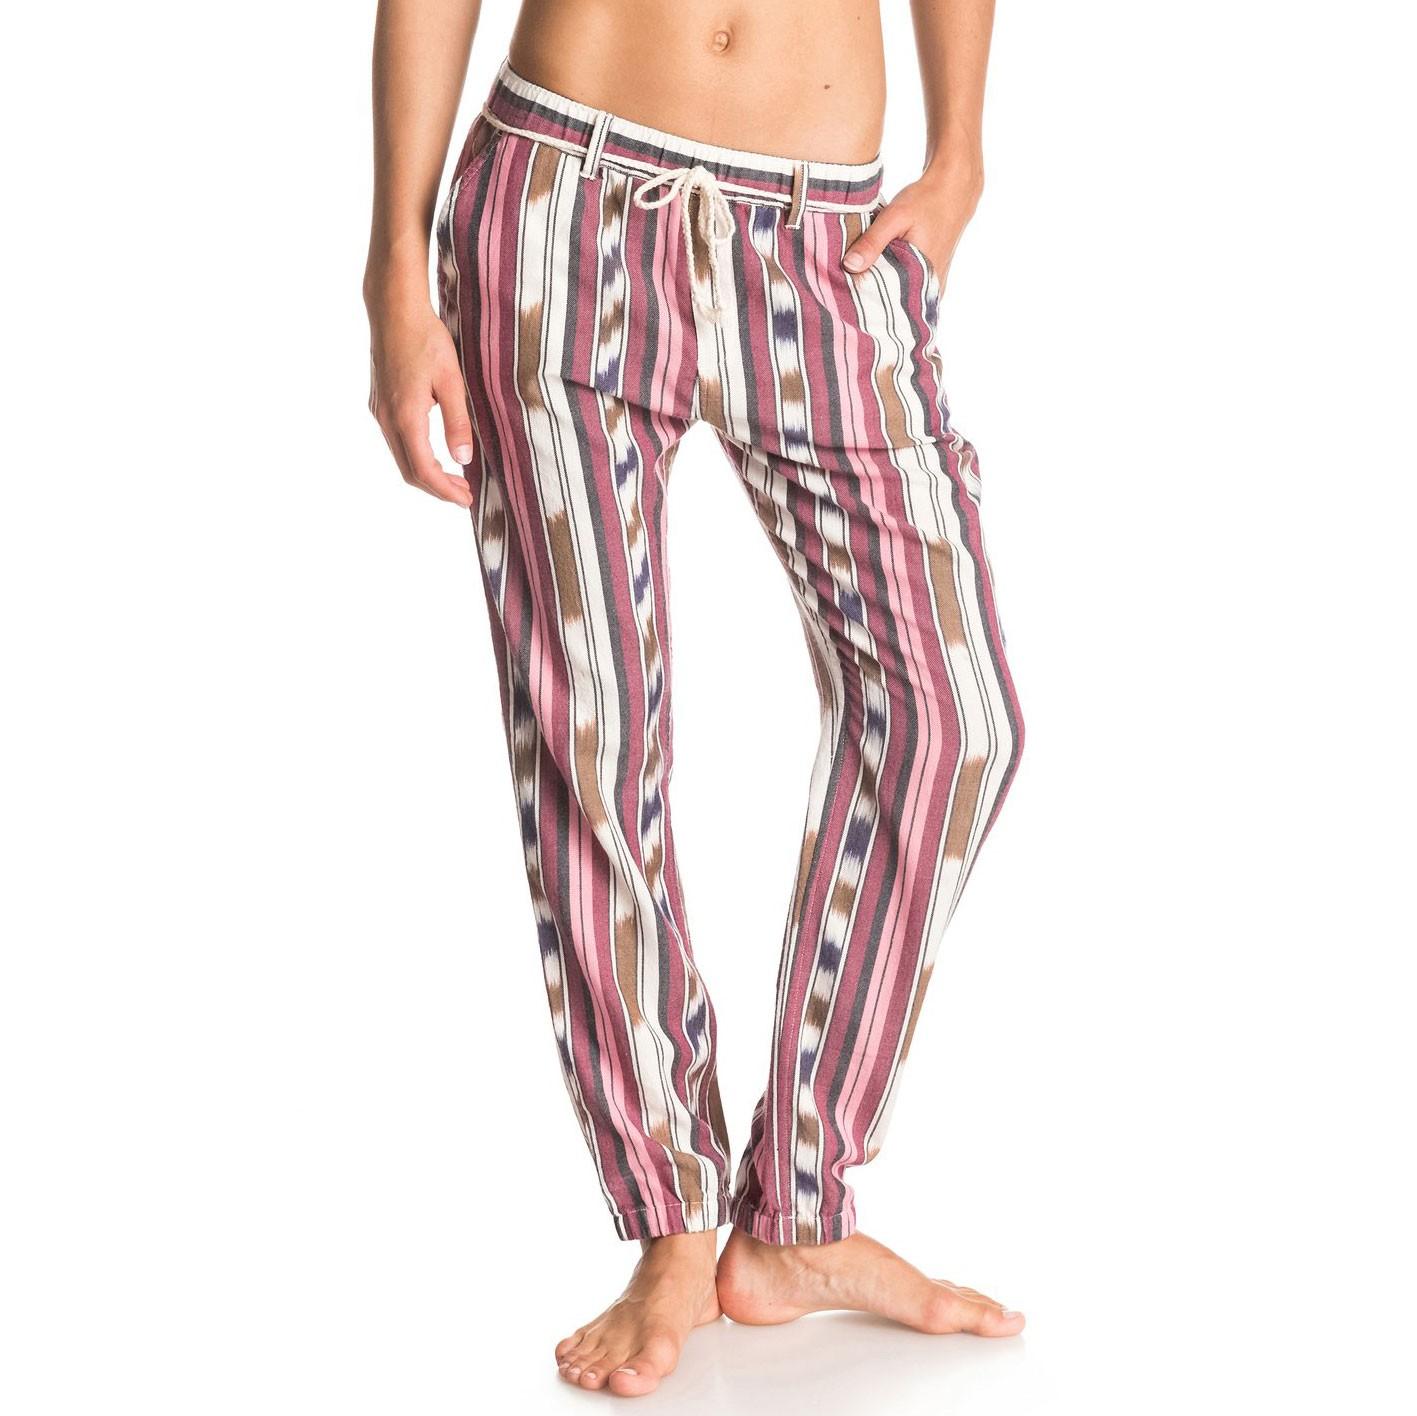 Kalhoty Roxy Beachy Beach Chambray ikat stripe vel.L 15 + doručení do 24 hodin